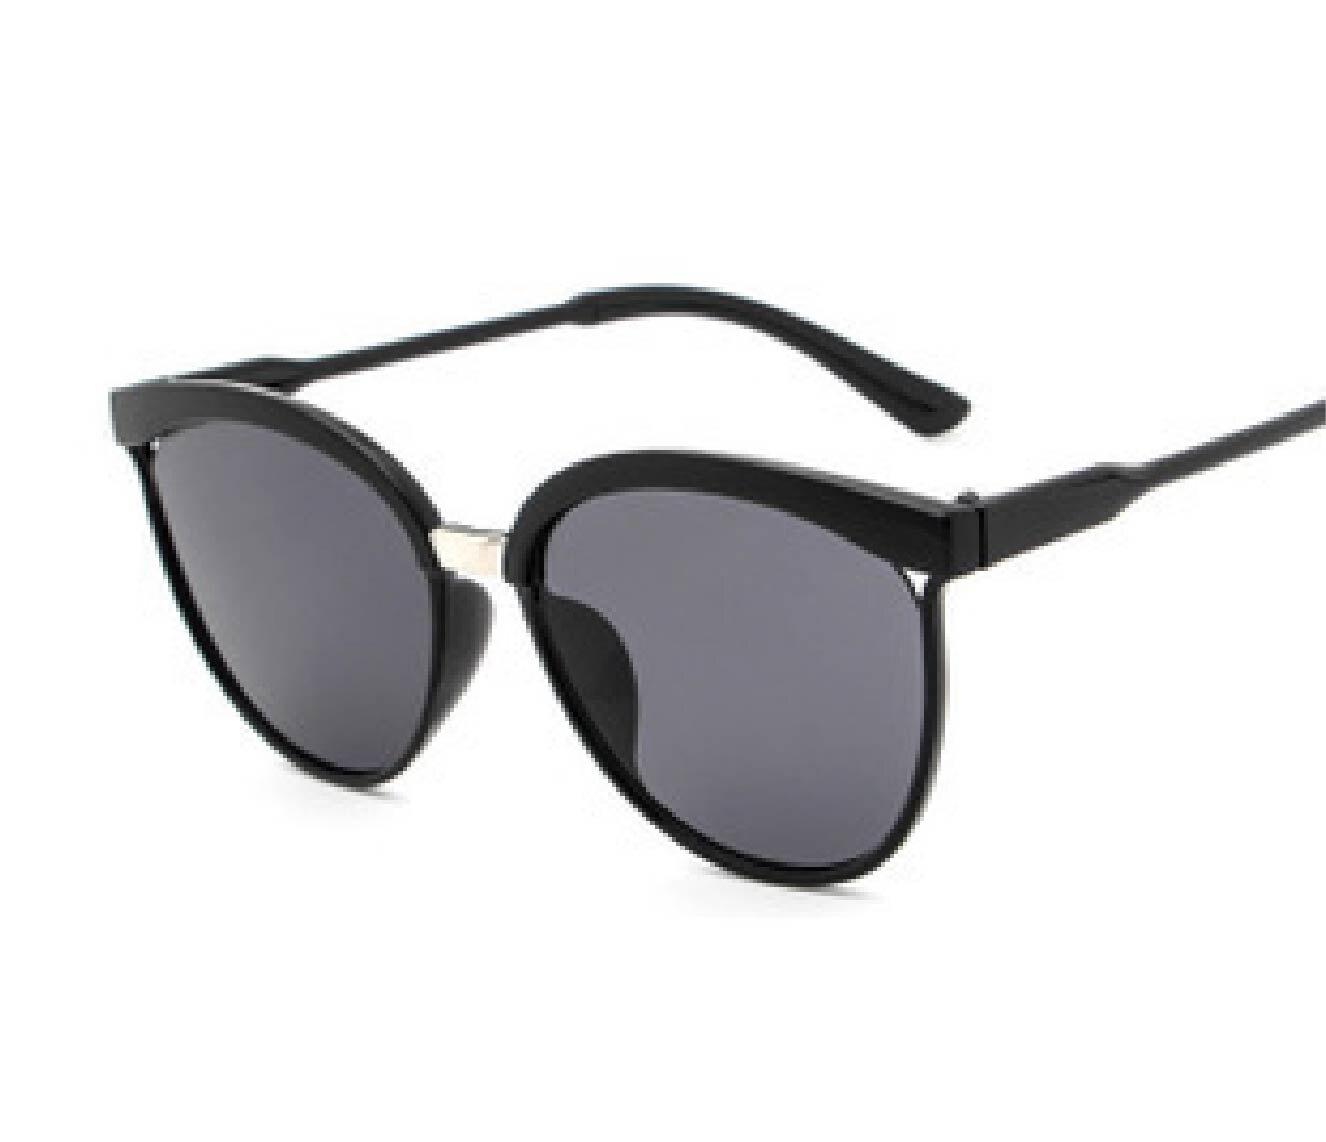 歐美潮人彩膜墨鏡 復古女士太陽眼鏡